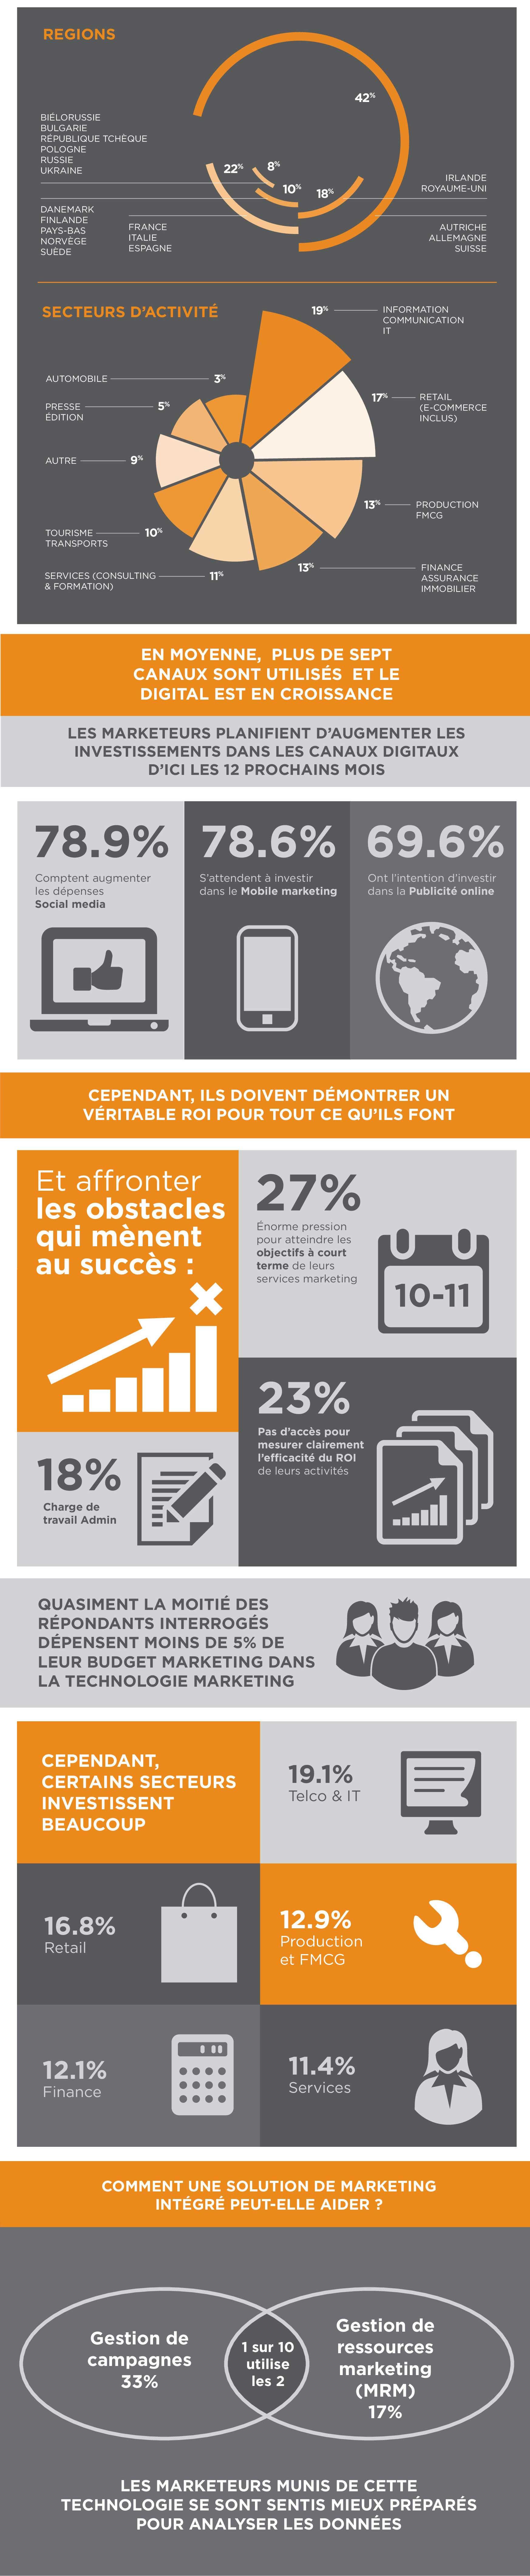 Infographie - Les 7 canaux prioritaires pour les directions marketing sont sur le web